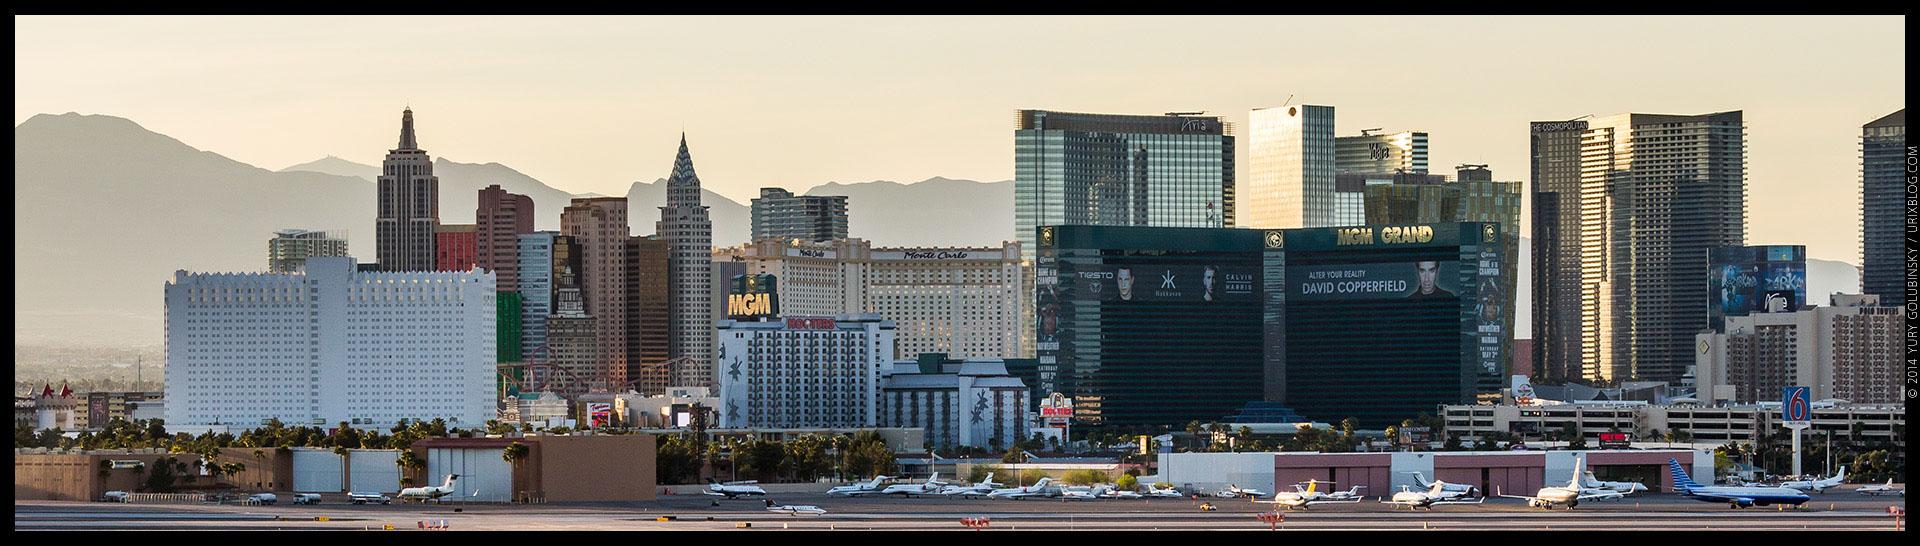 New York, MGM, Aria, casino, 2014, LAS, Las Vegas McCarran International airport, strip, LV, Clark County, USA, Nevada, panorama, horizon, city